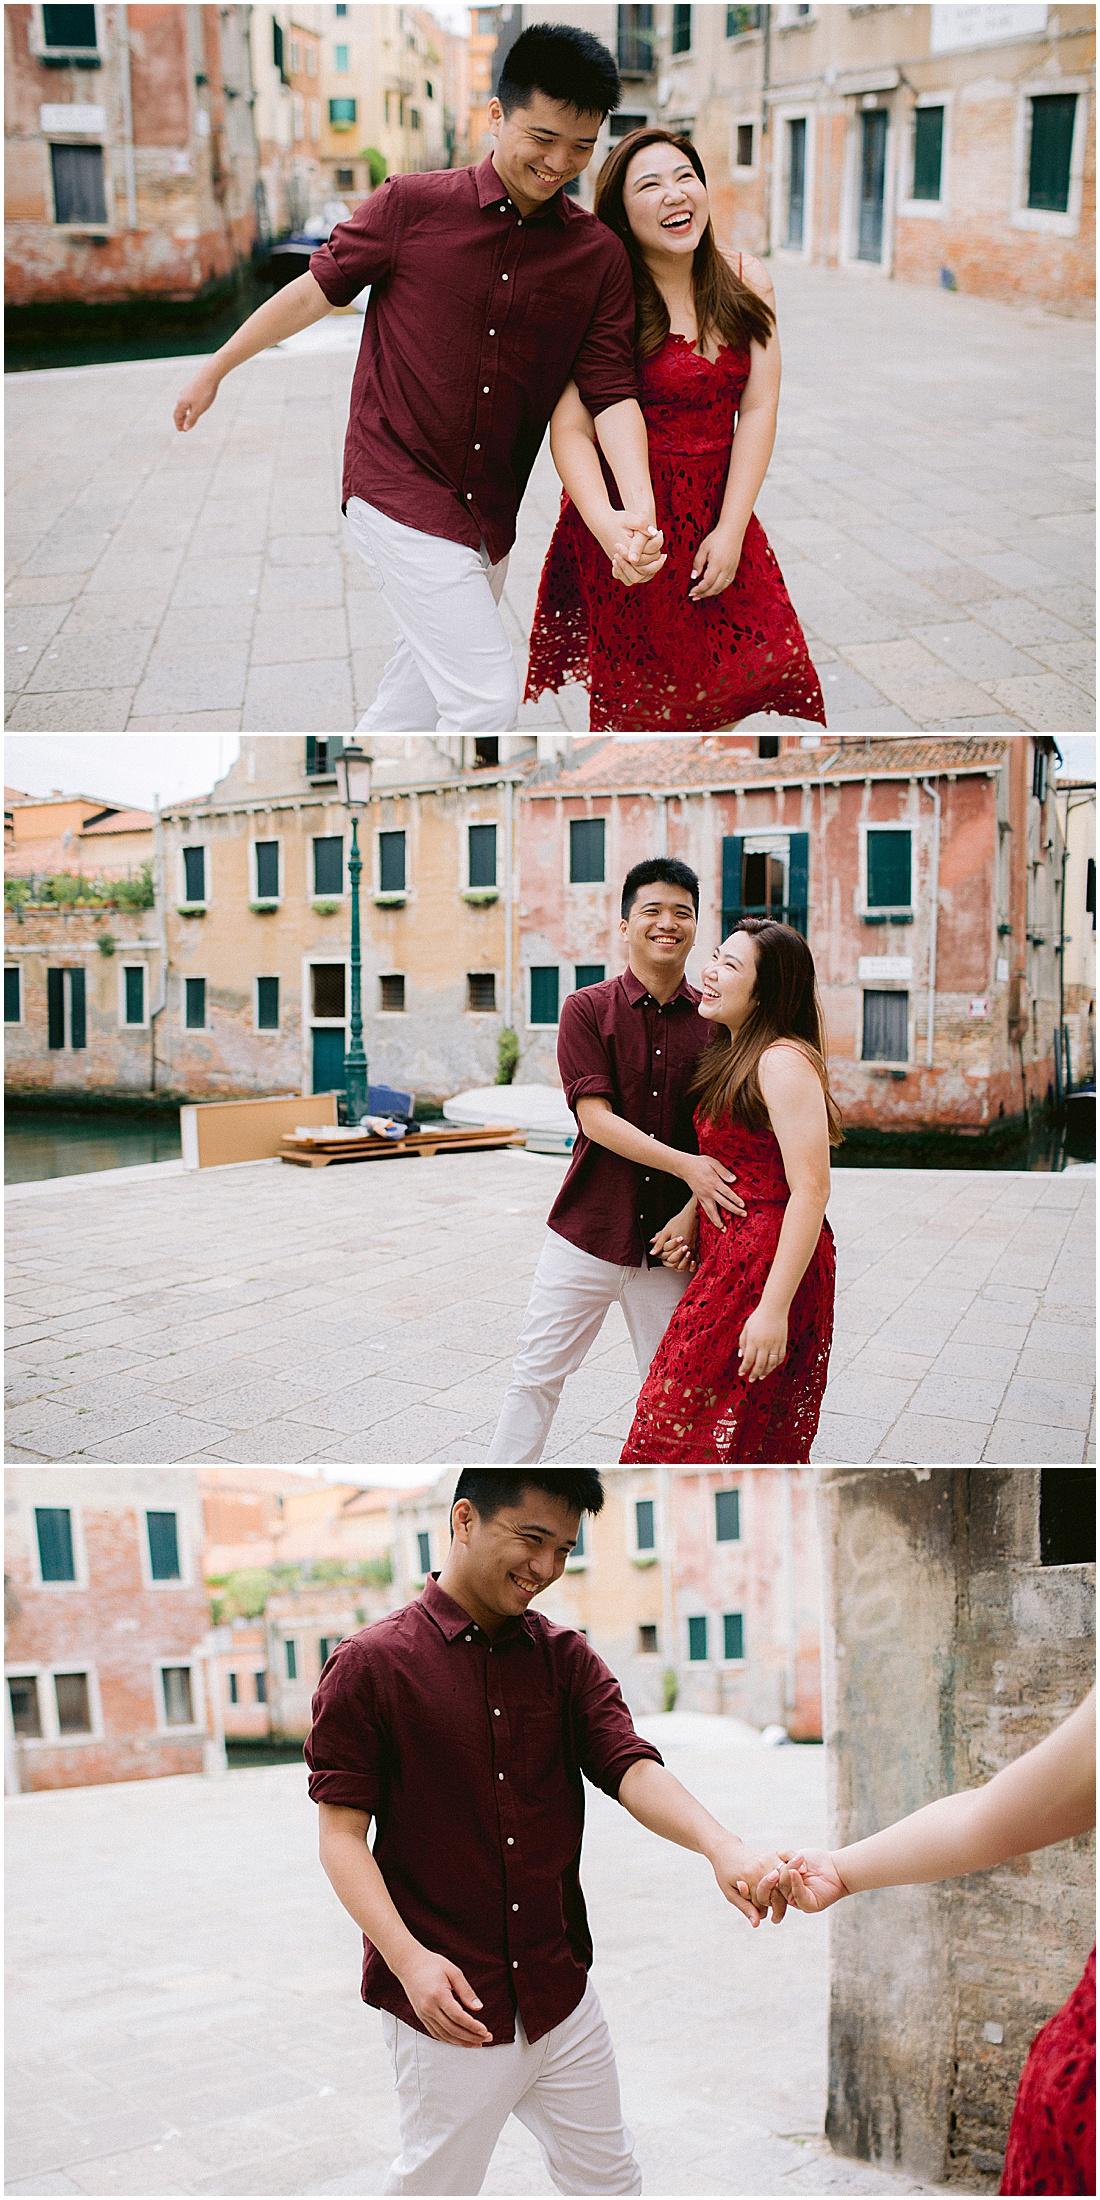 wedding-surprise-proposal-photographer-venice-gondola-sunset-stefano-degirmenci_0384.jpg